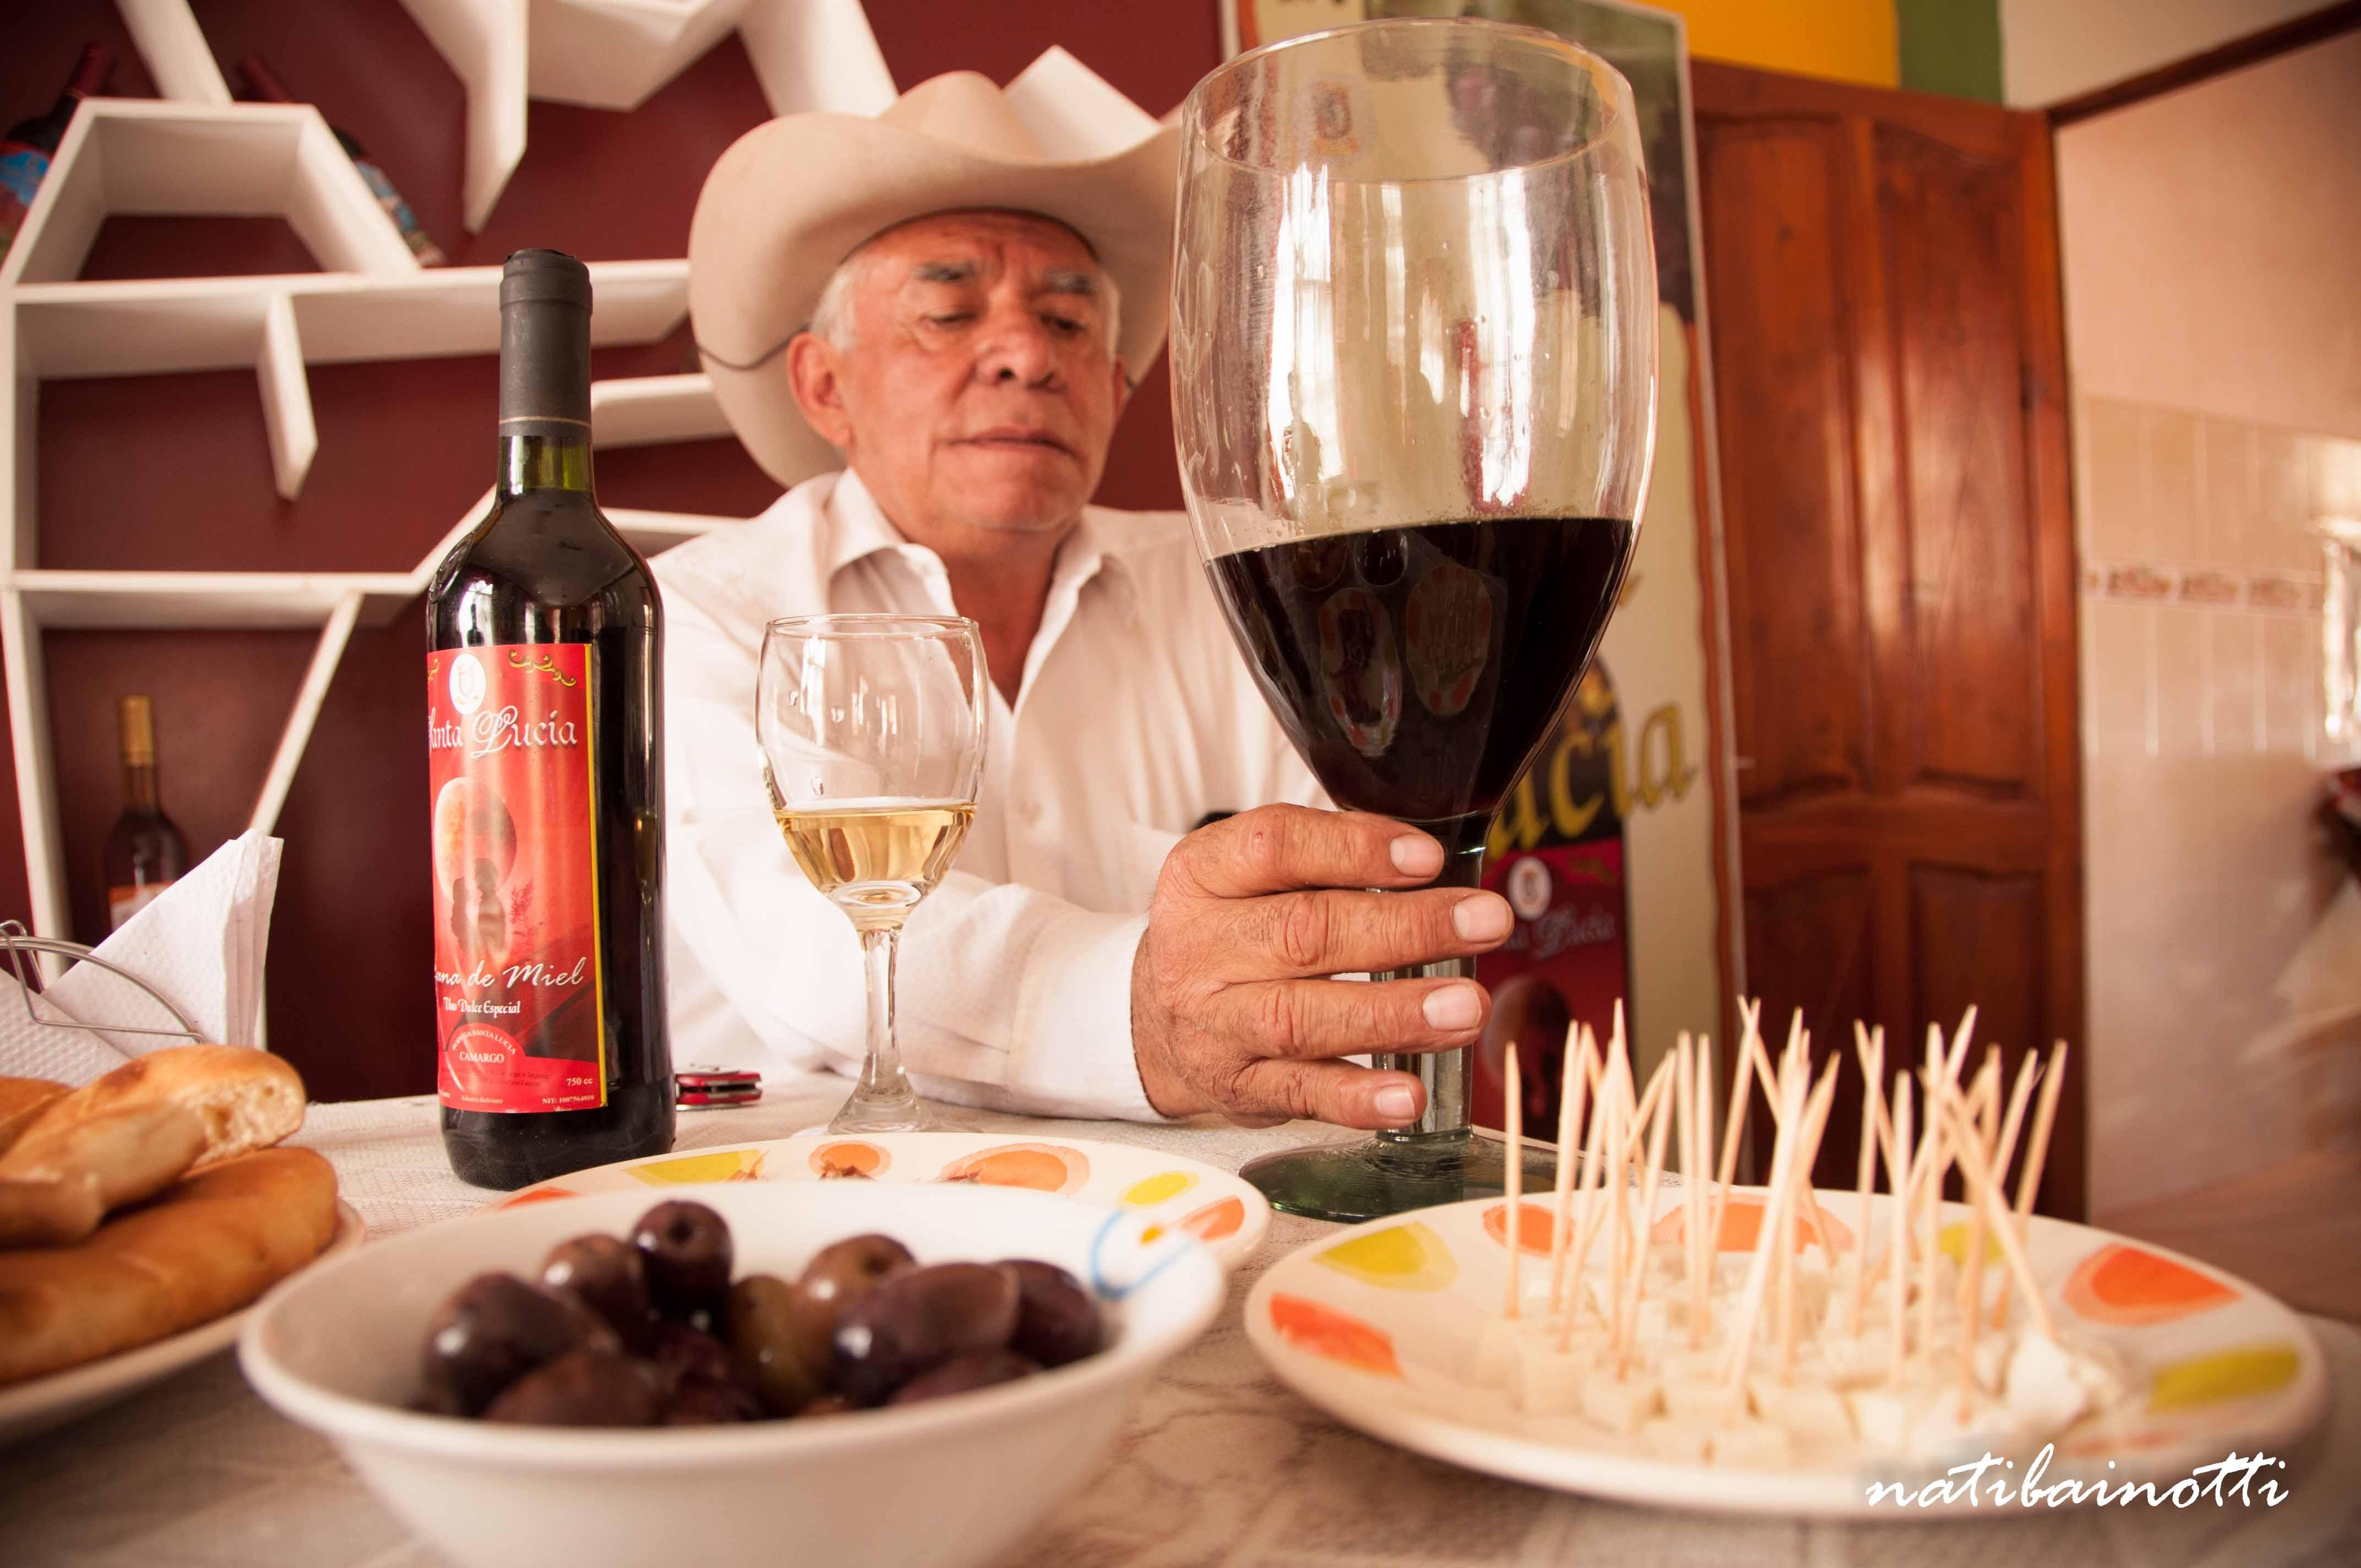 Cainco organiza el primer festival de singanis y vinos de los Cintis en Sucre